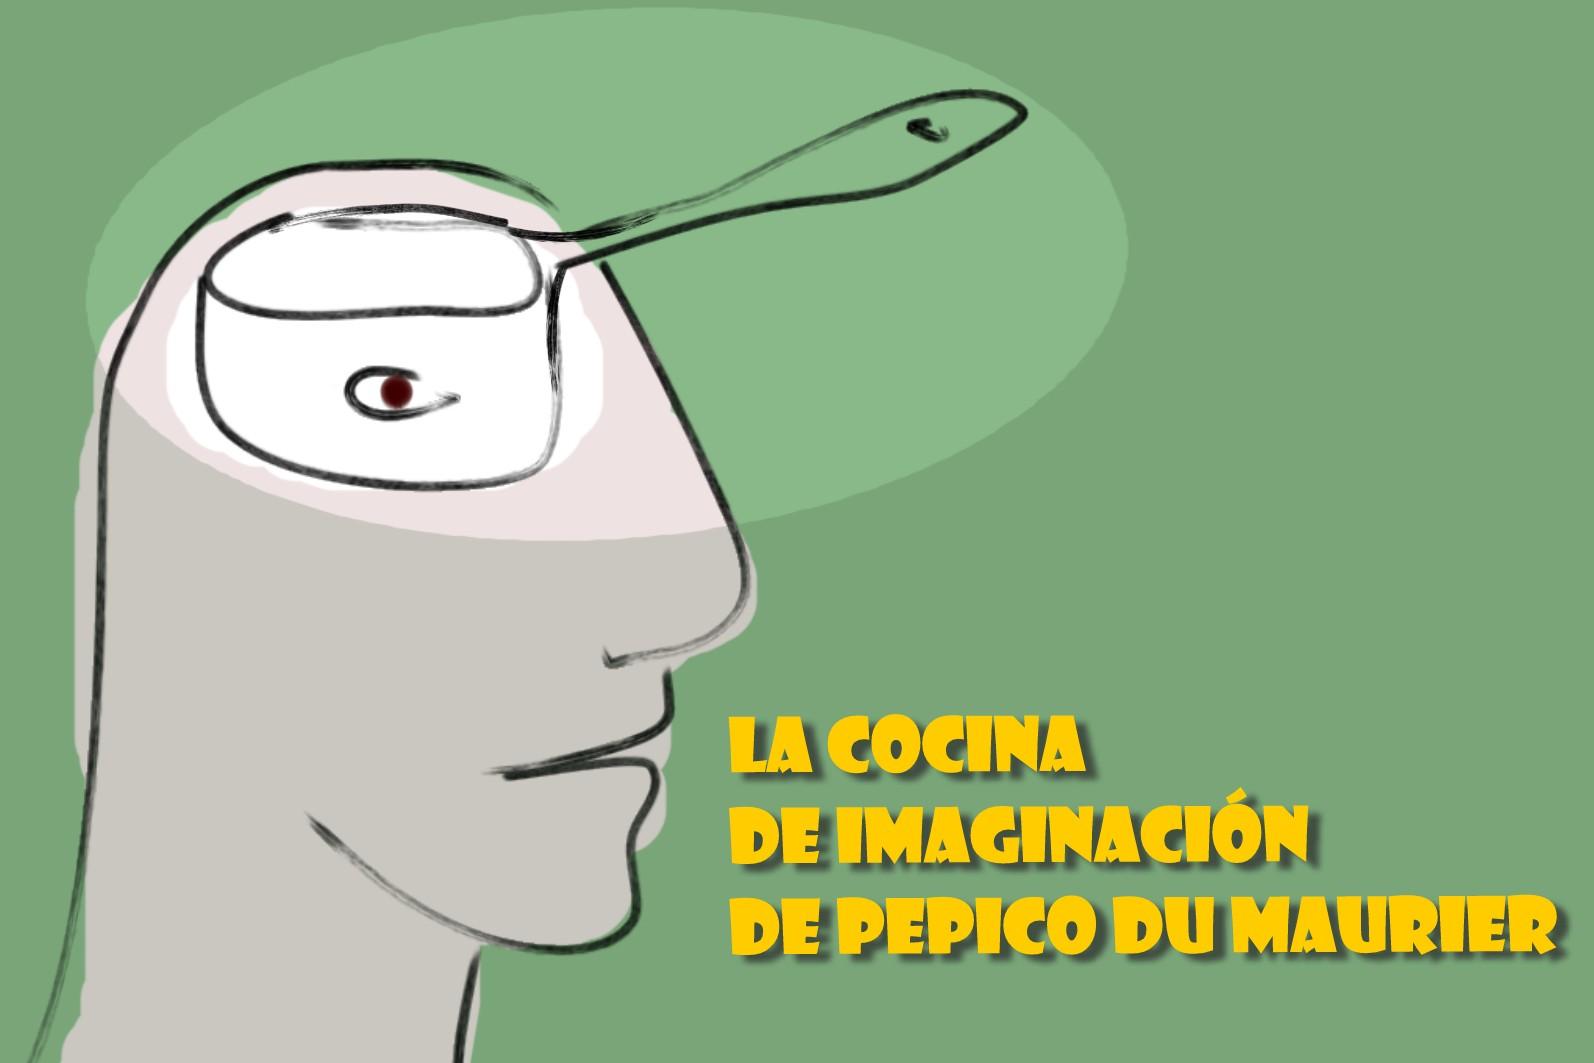 La cocina de imaginación de Pepico du Maurier